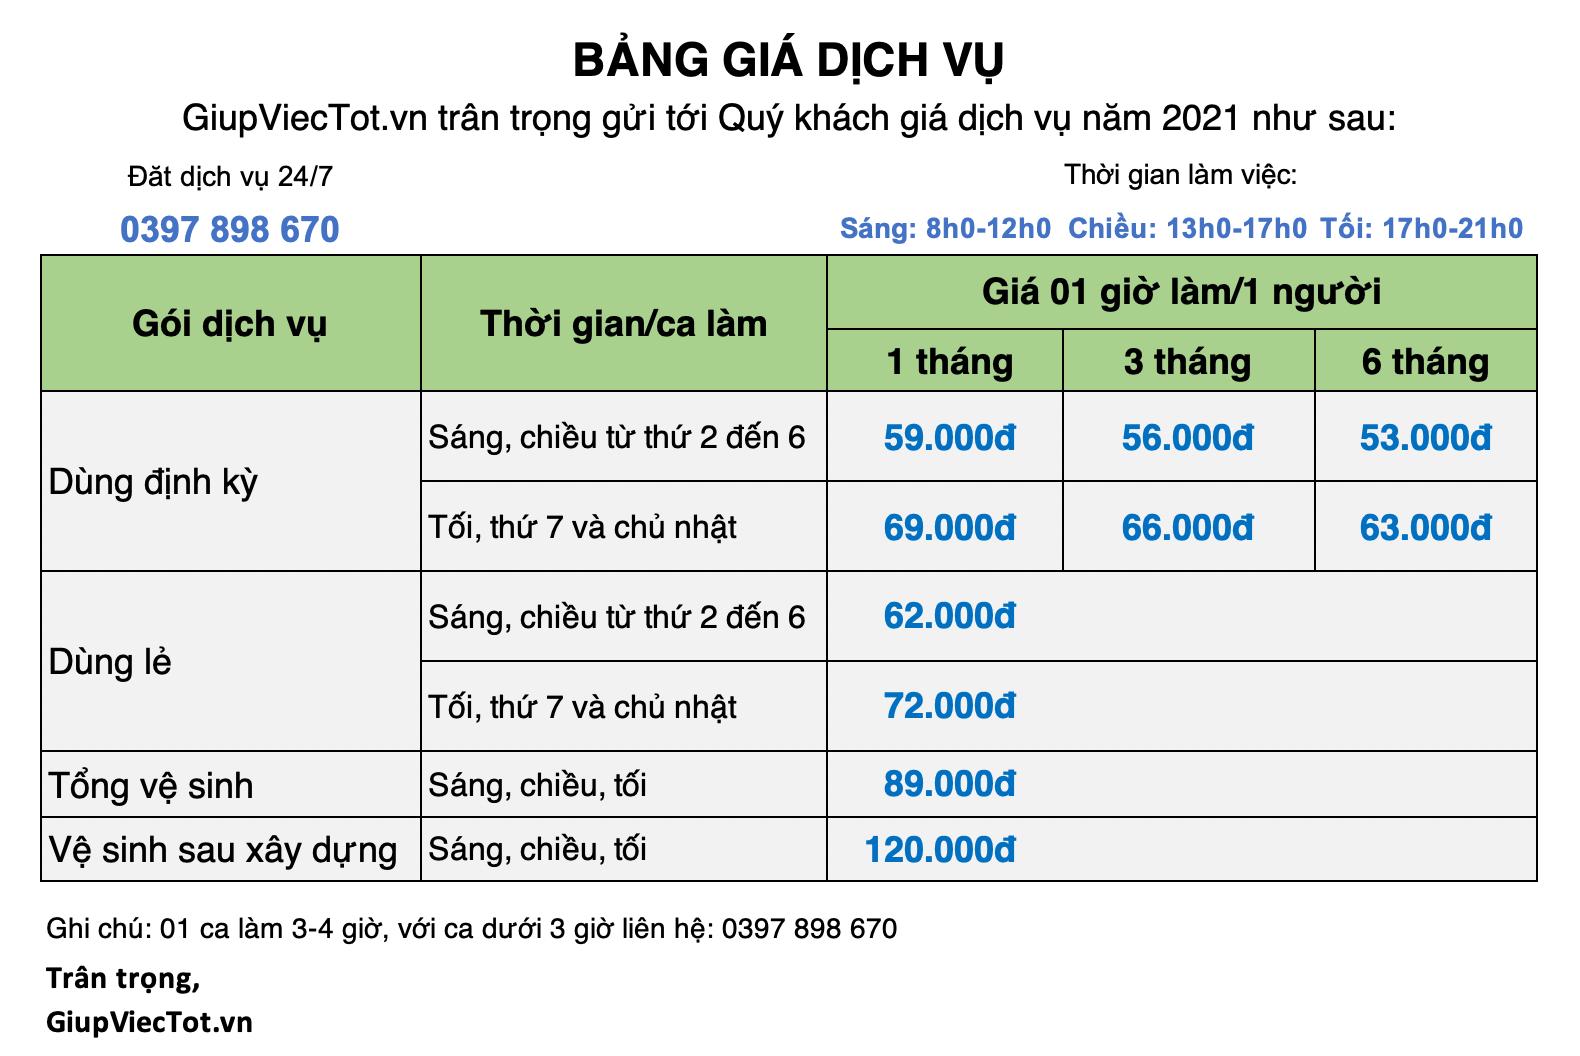 Giá Giúp Việc Theo Giờ Tại Hà Nội Năm 2021